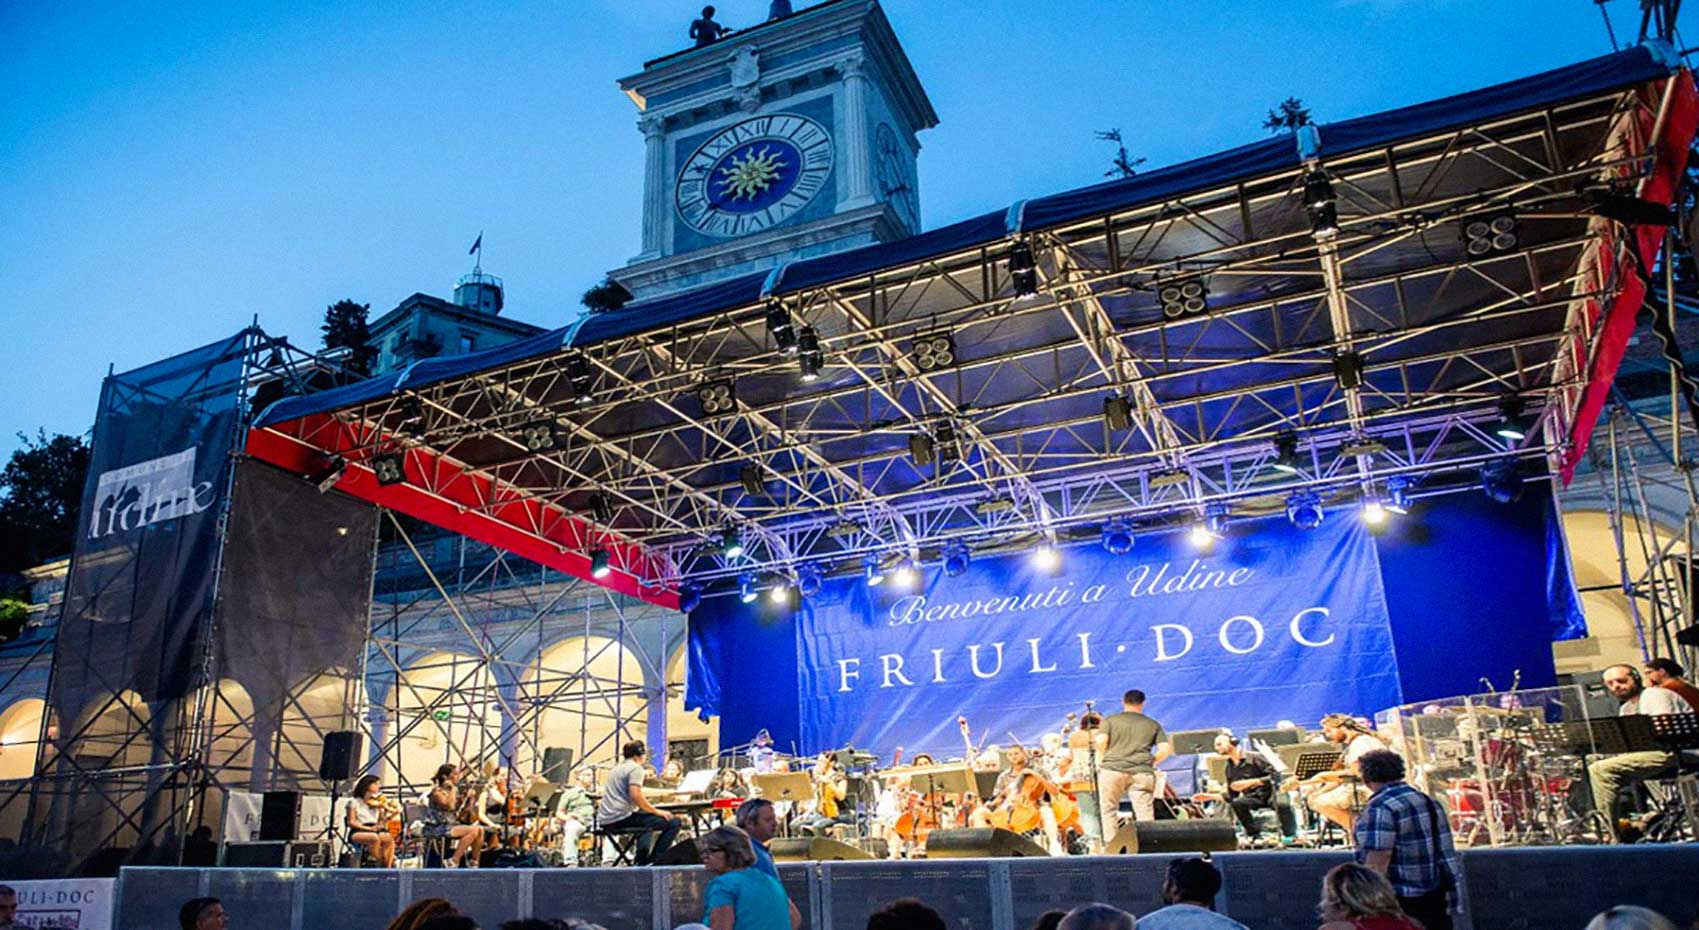 Friuli Doc concerto